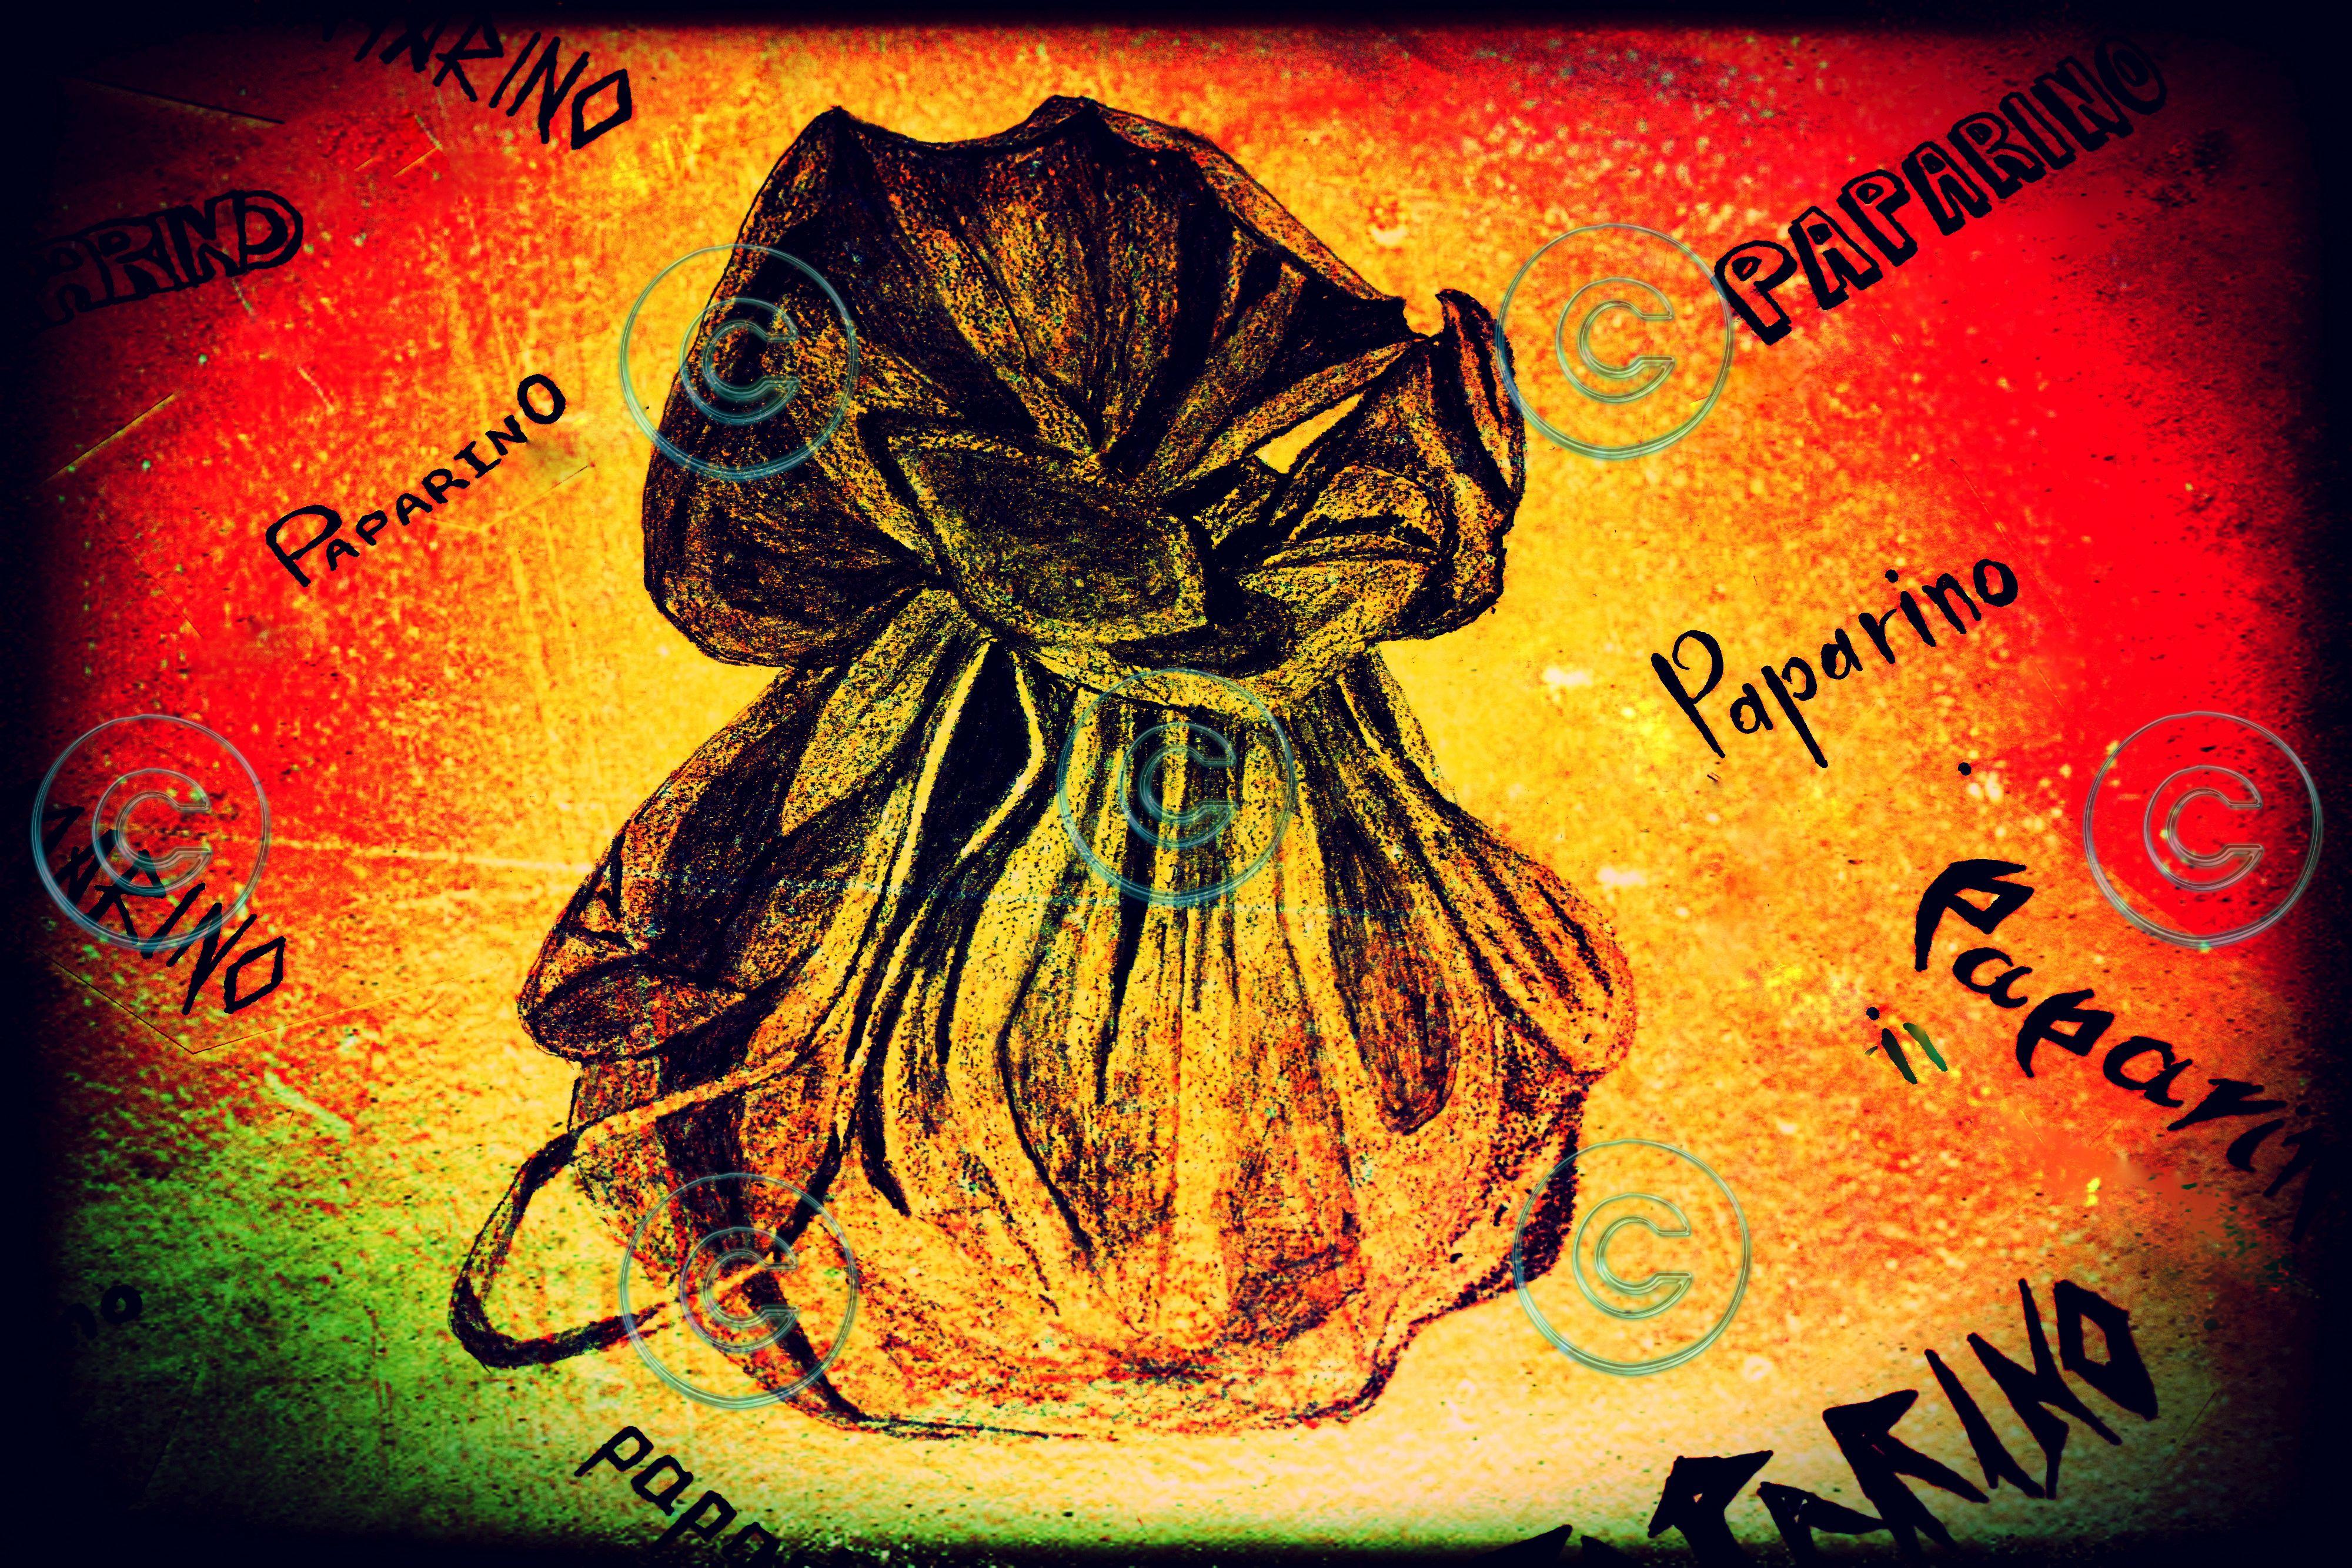 paparino copyrighted.jpg